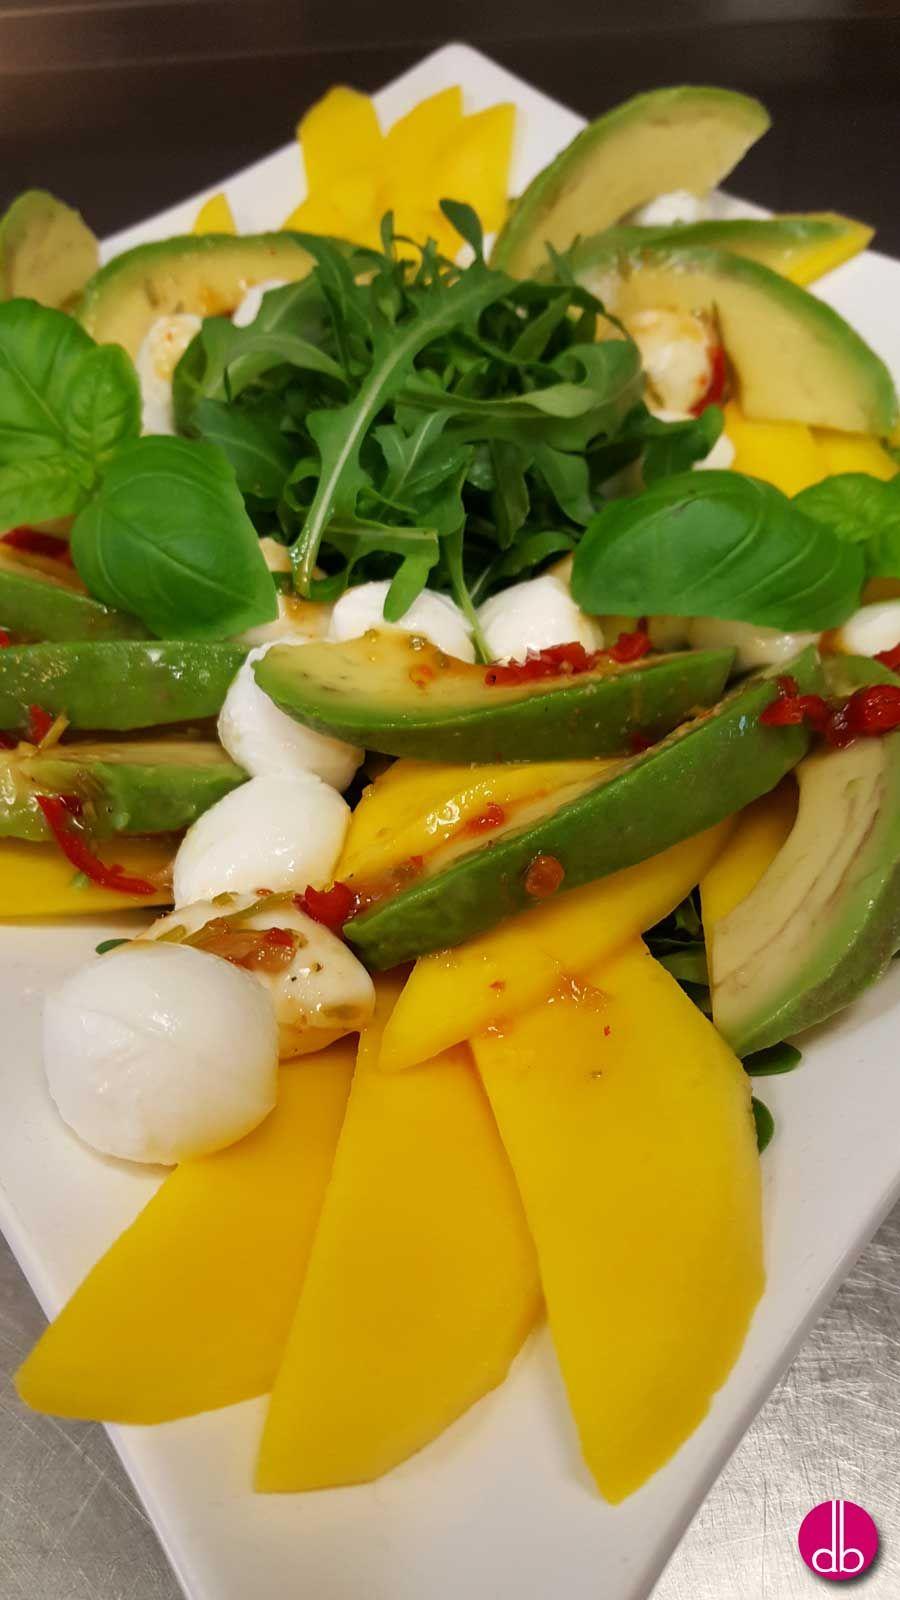 Fruchtige Salatkreation mit würzigem Rucola, Avocado, süßer Mango und oben auf Minis vom Büffel-Mozzarella mit einer Orangen-Honig-Vinaigrette & Chili